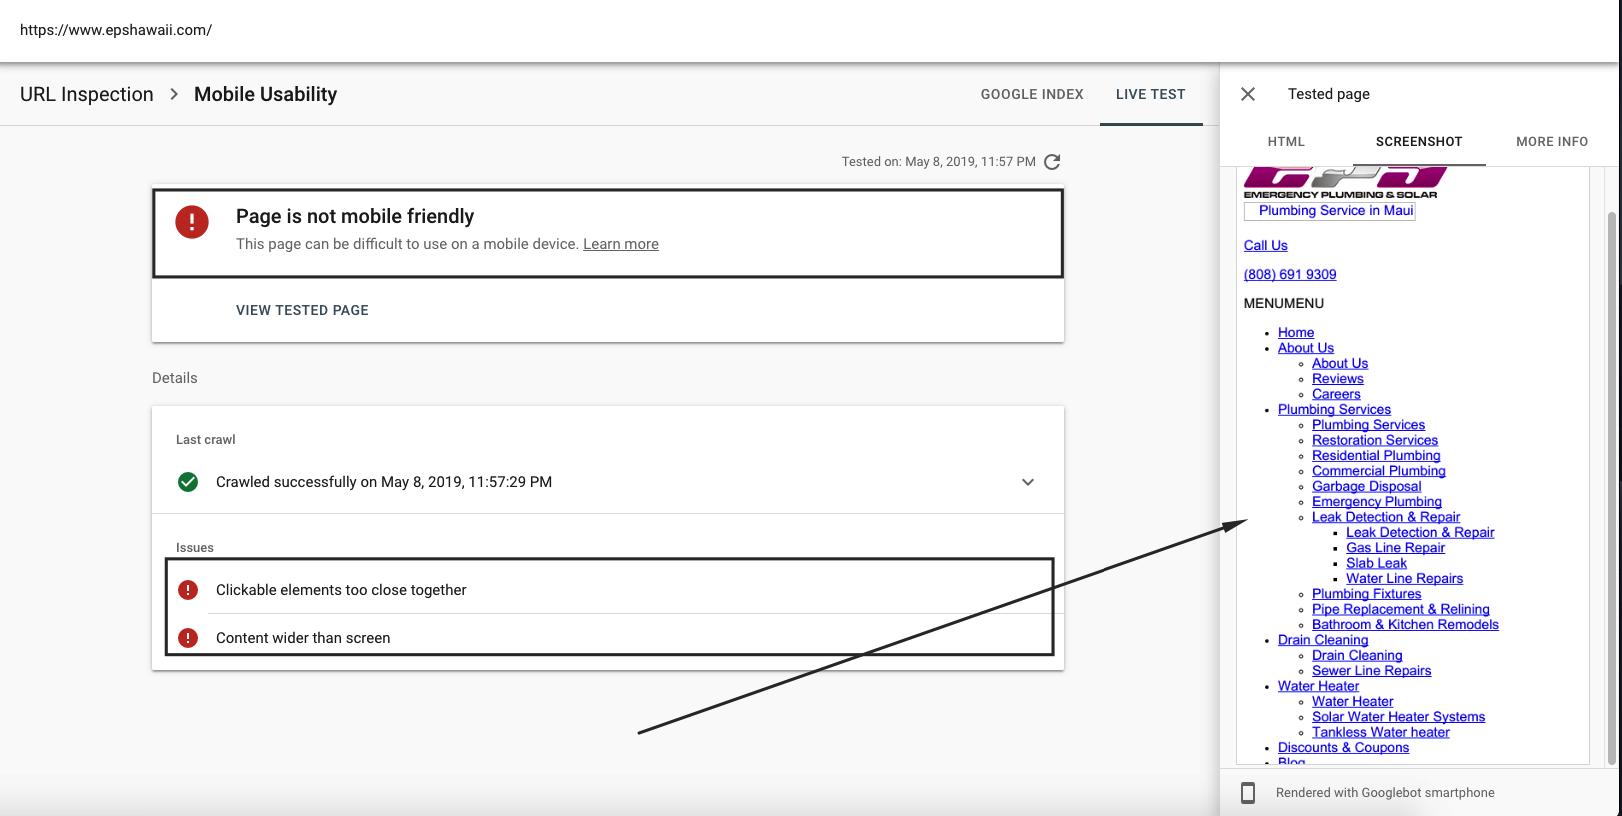 Thông tin chi tiết của kết quả kiểm tra URL